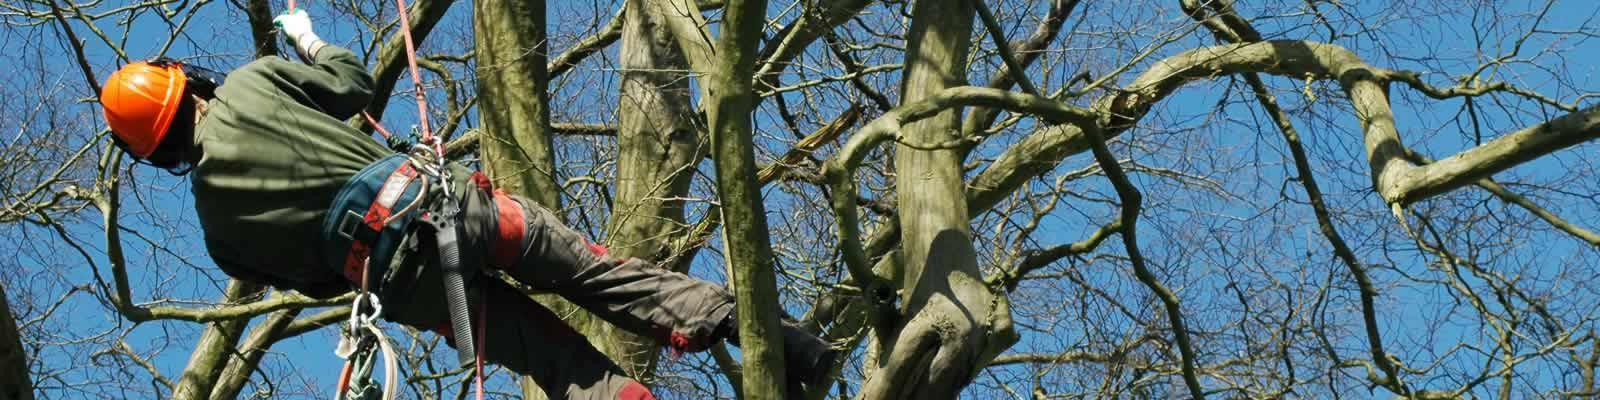 Tree pruning in Rufford